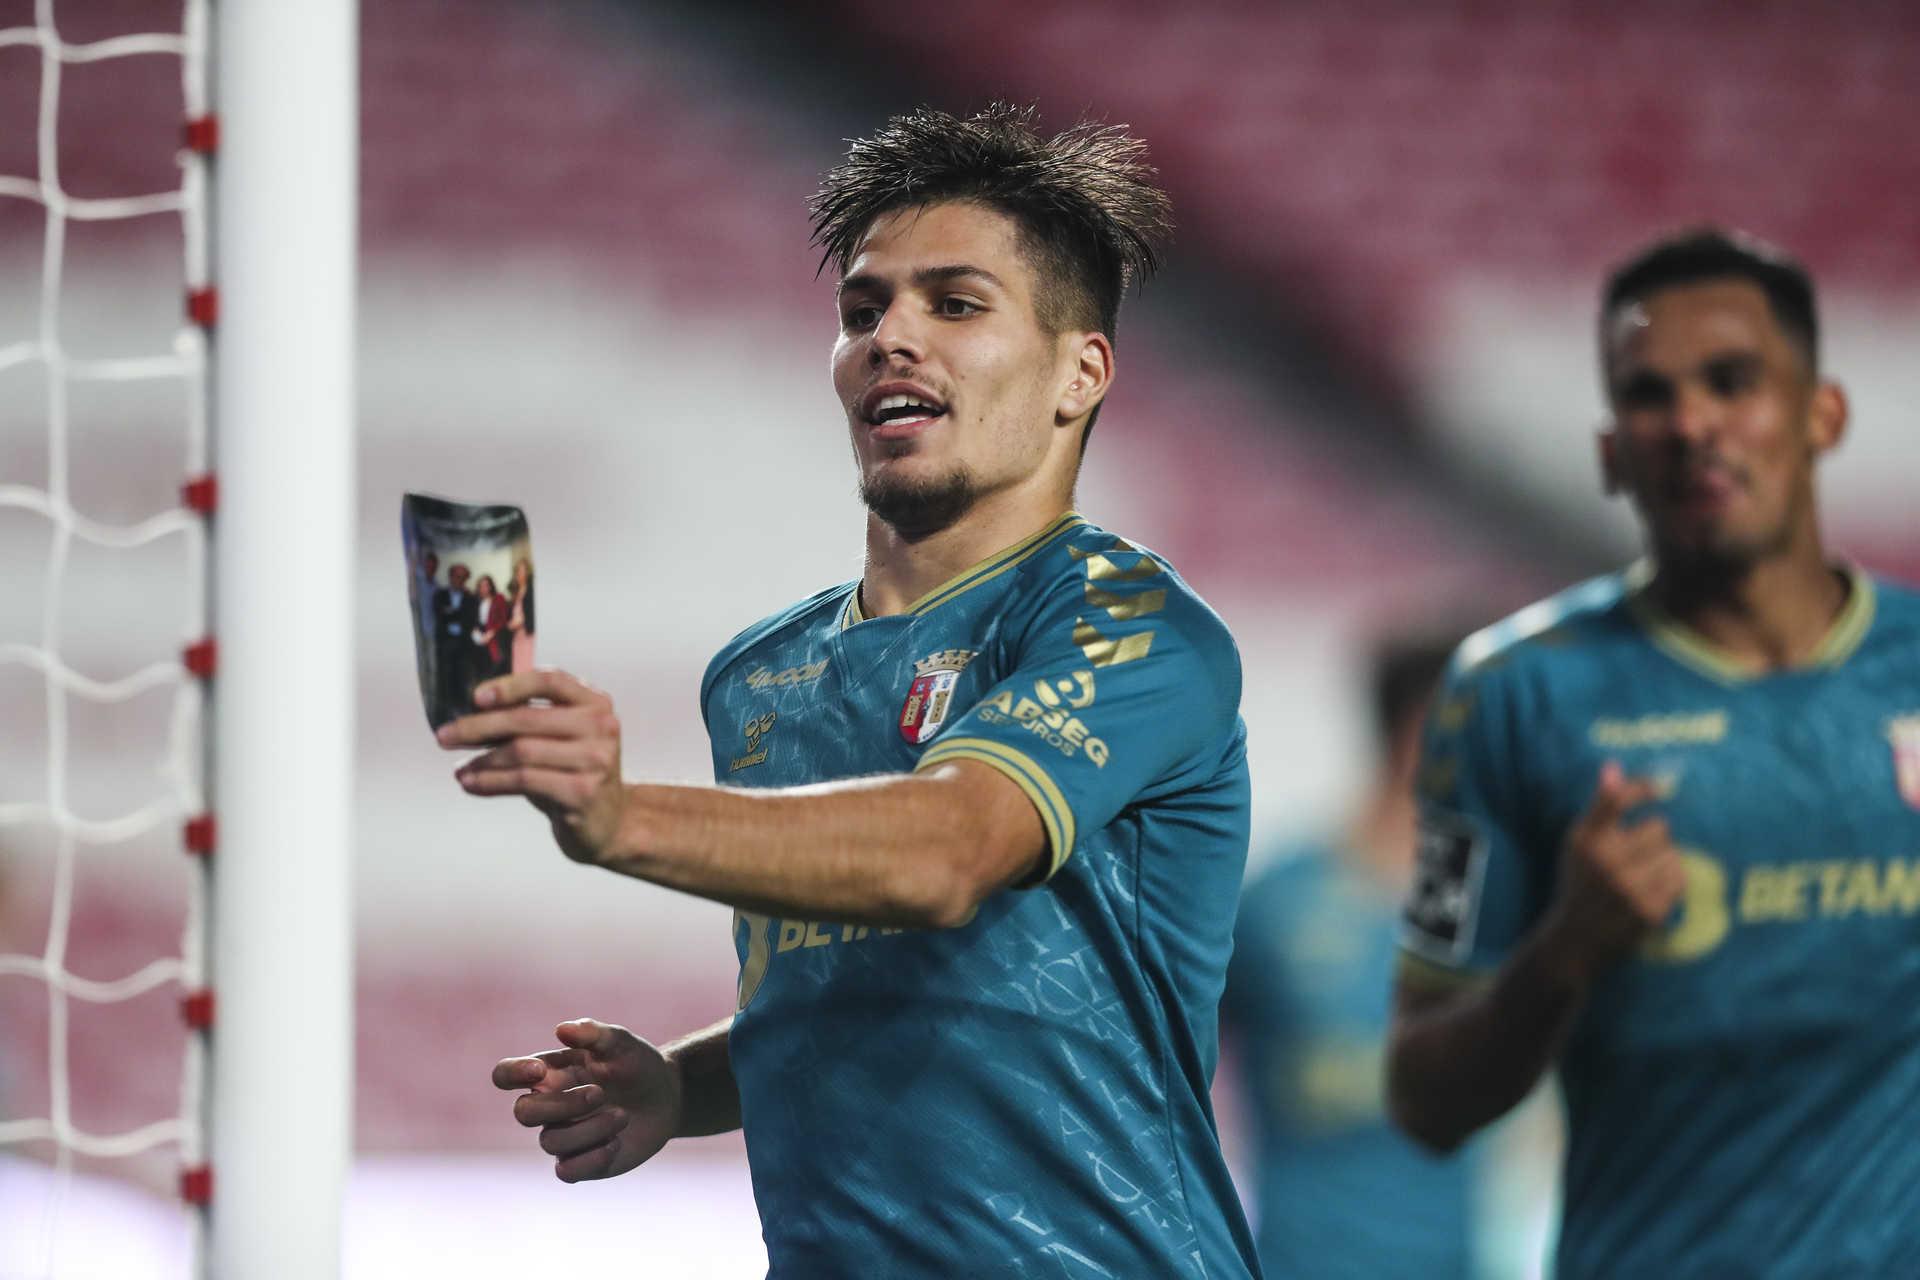 Talento dell'Anno Resto d'Europa 2020-21 – Moura, il Braga stende il Benfica